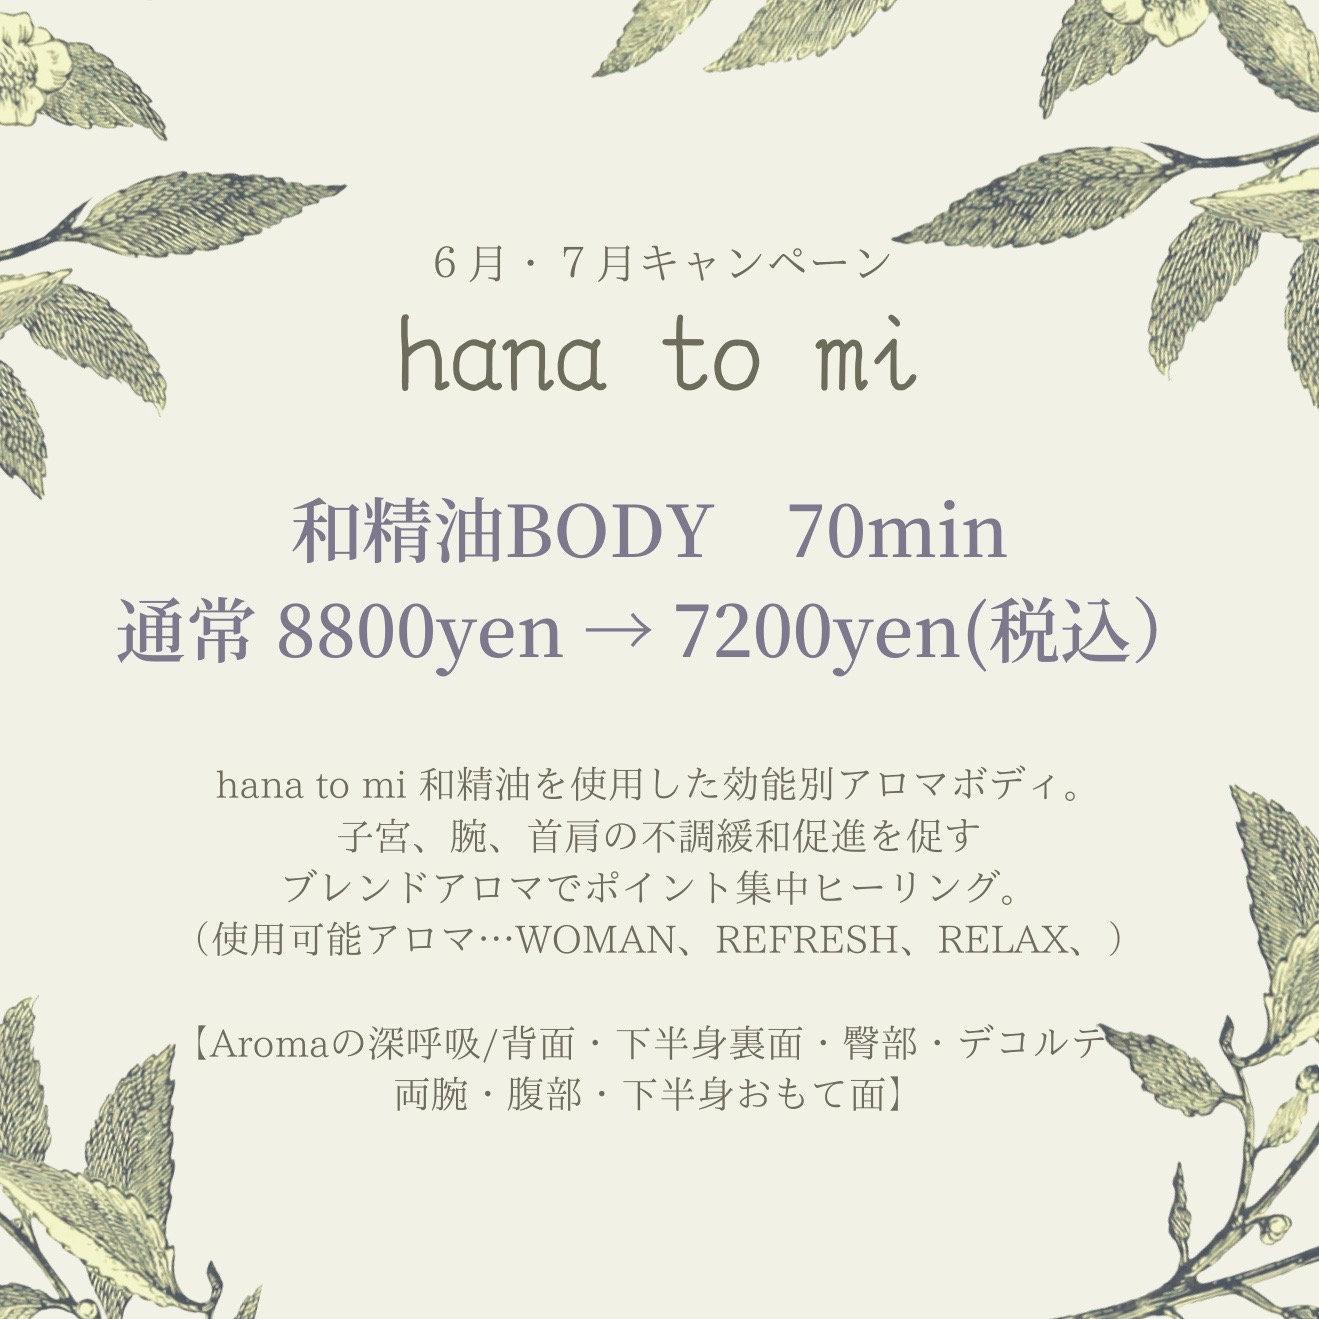 【7月キャンペーン】hanatomi和精油ボディ70分【担当:辻】